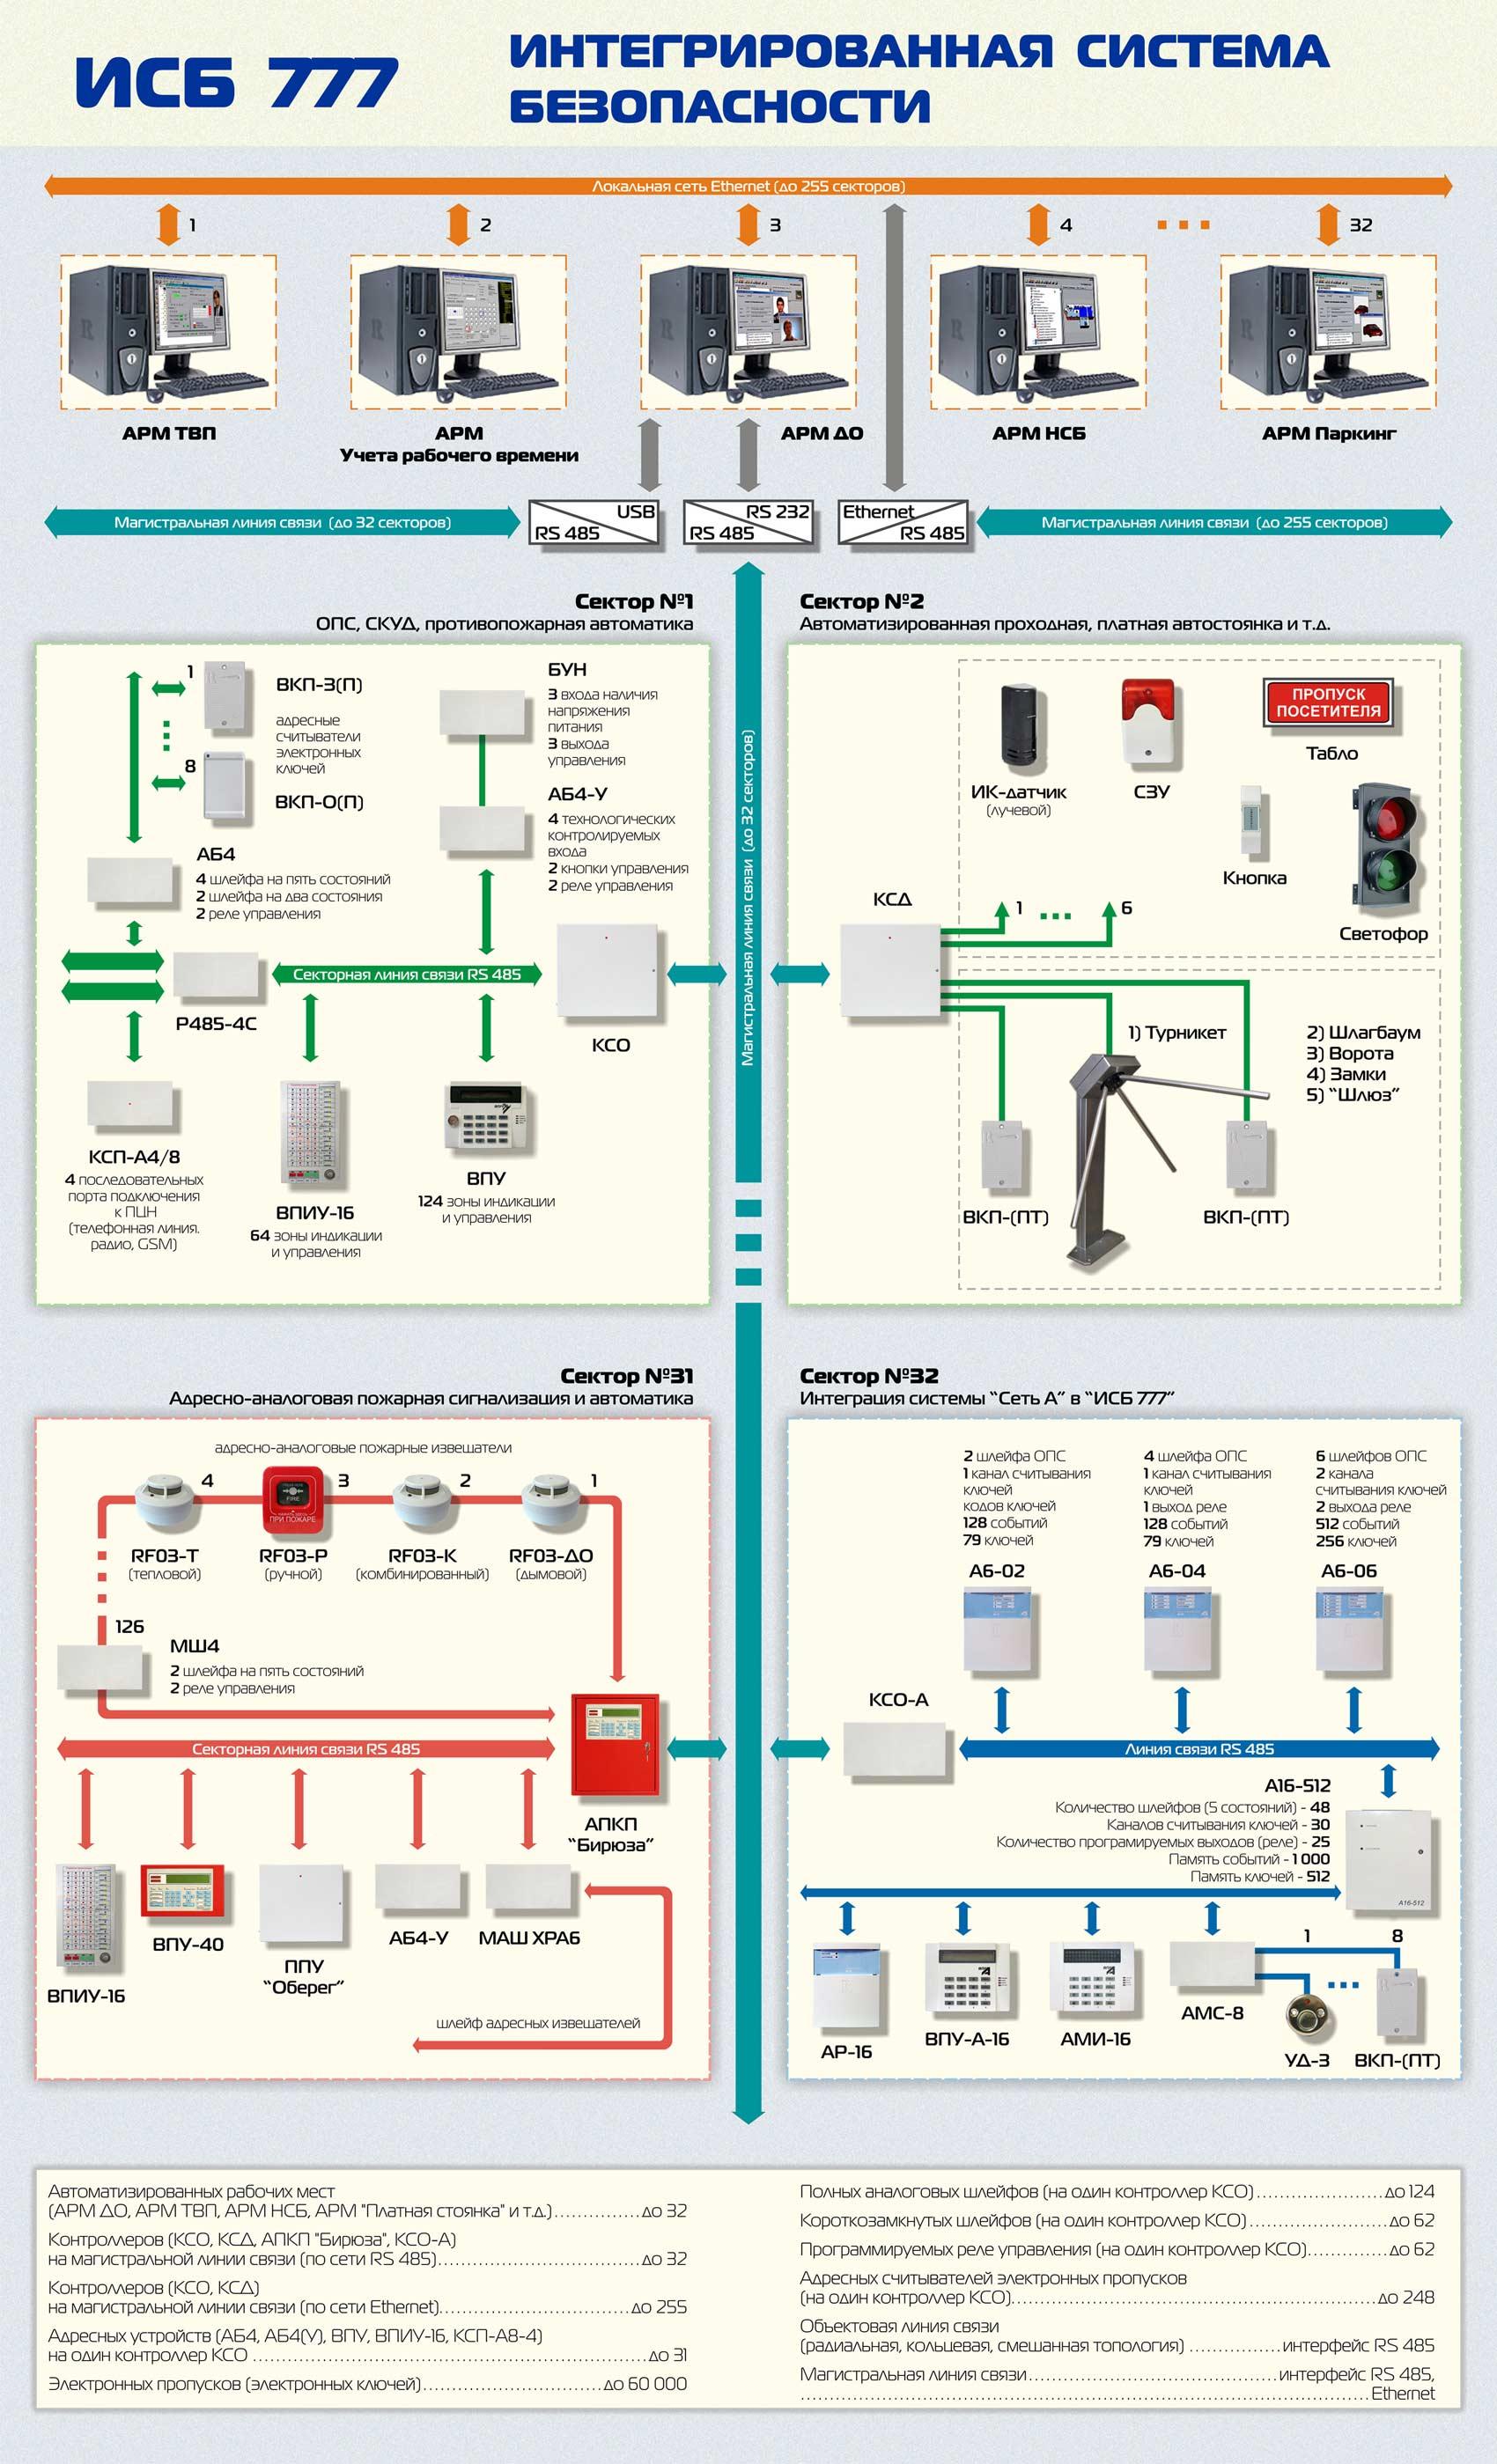 Рис №3. Пример работы интегрированной системы безопасности ИСБ 777